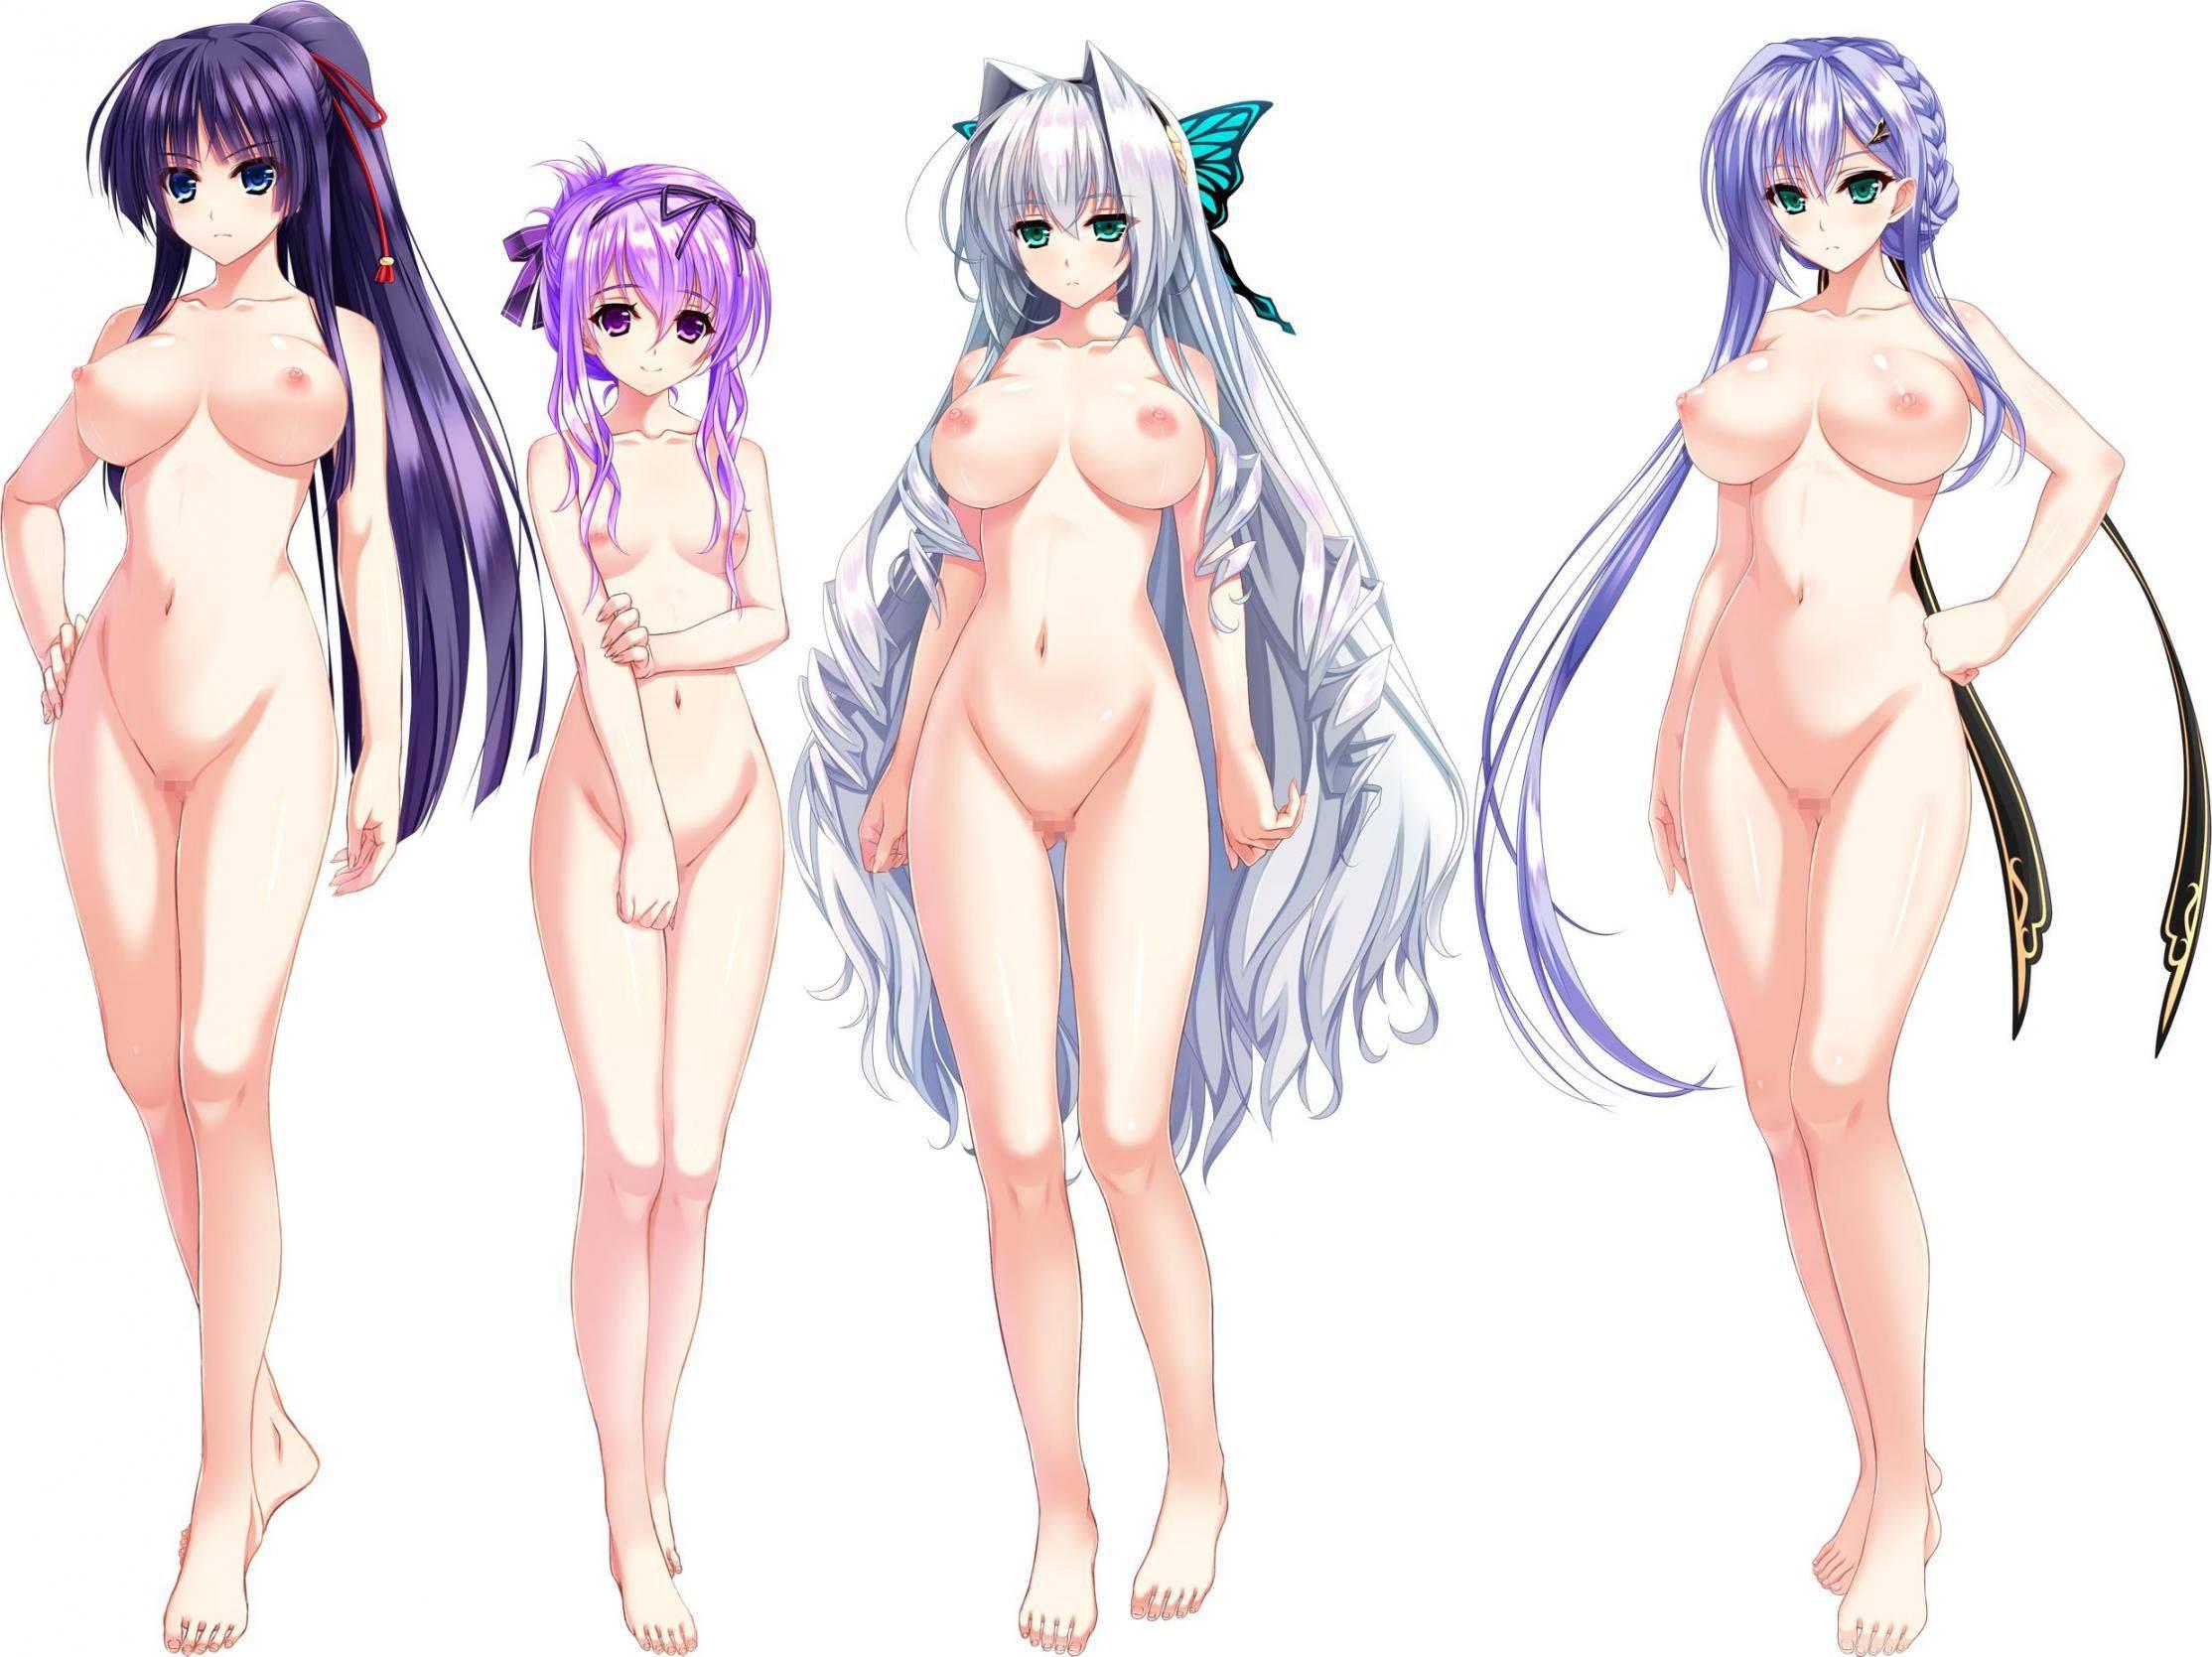 【どれにしようかな?】女の子達が全裸で立ってる二次エロ画像【23】